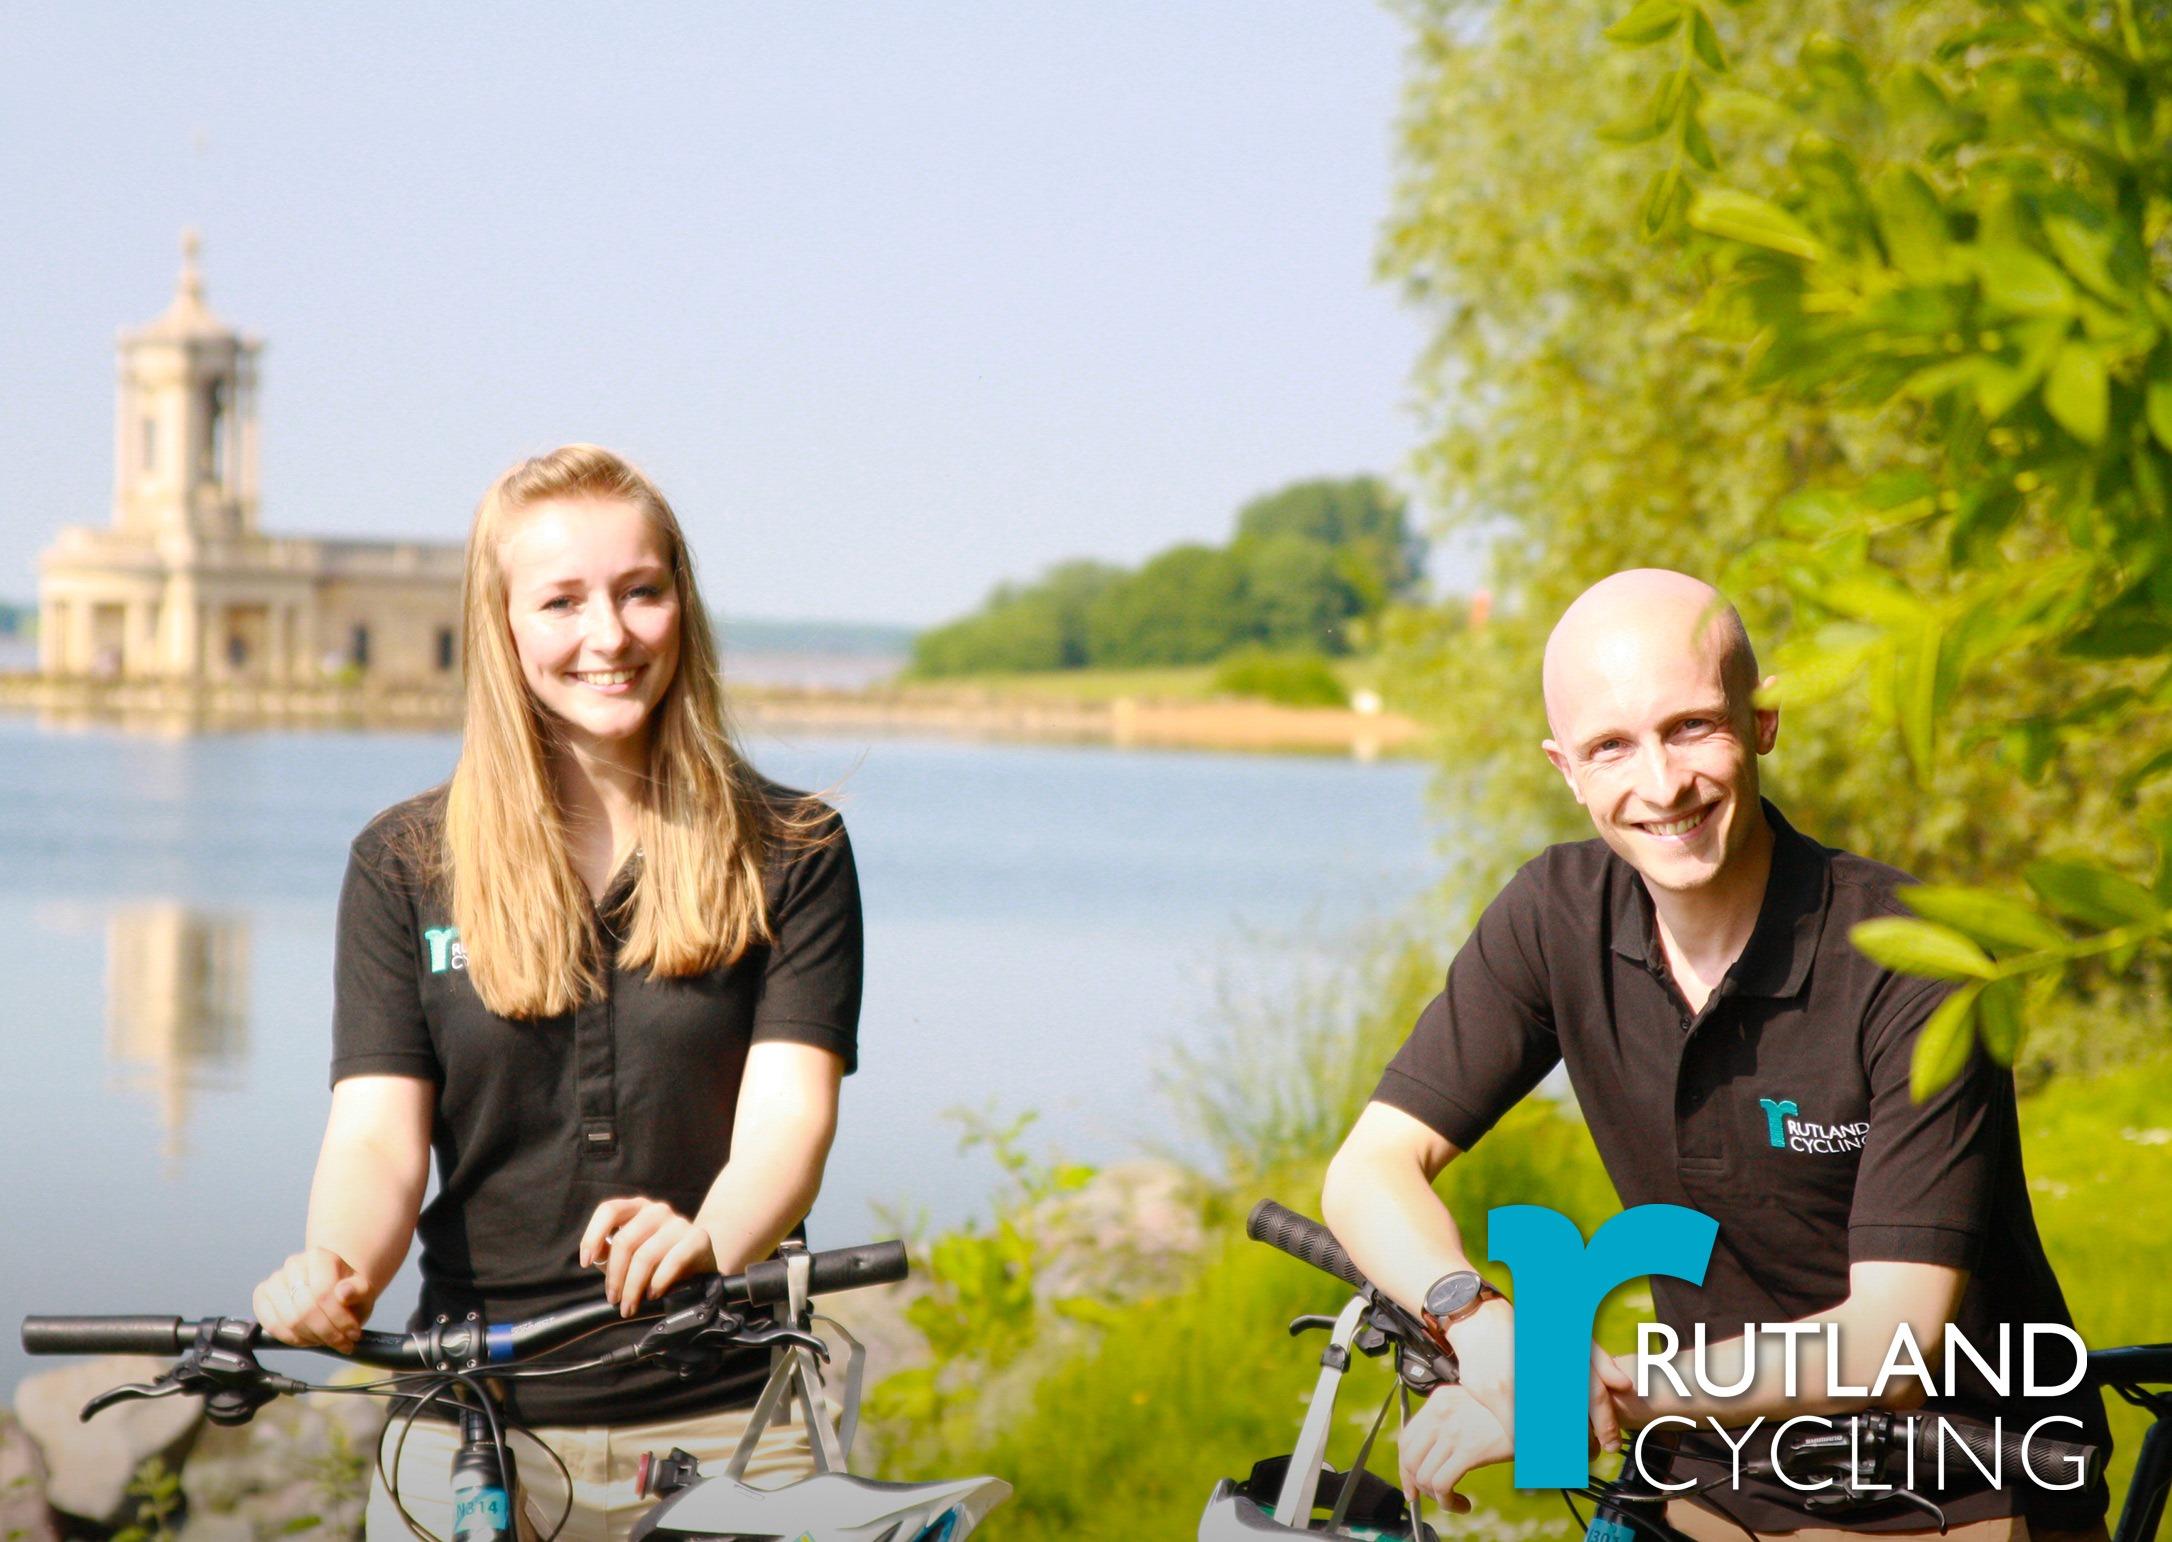 Free Bike Safety Check at Rutland Cycling